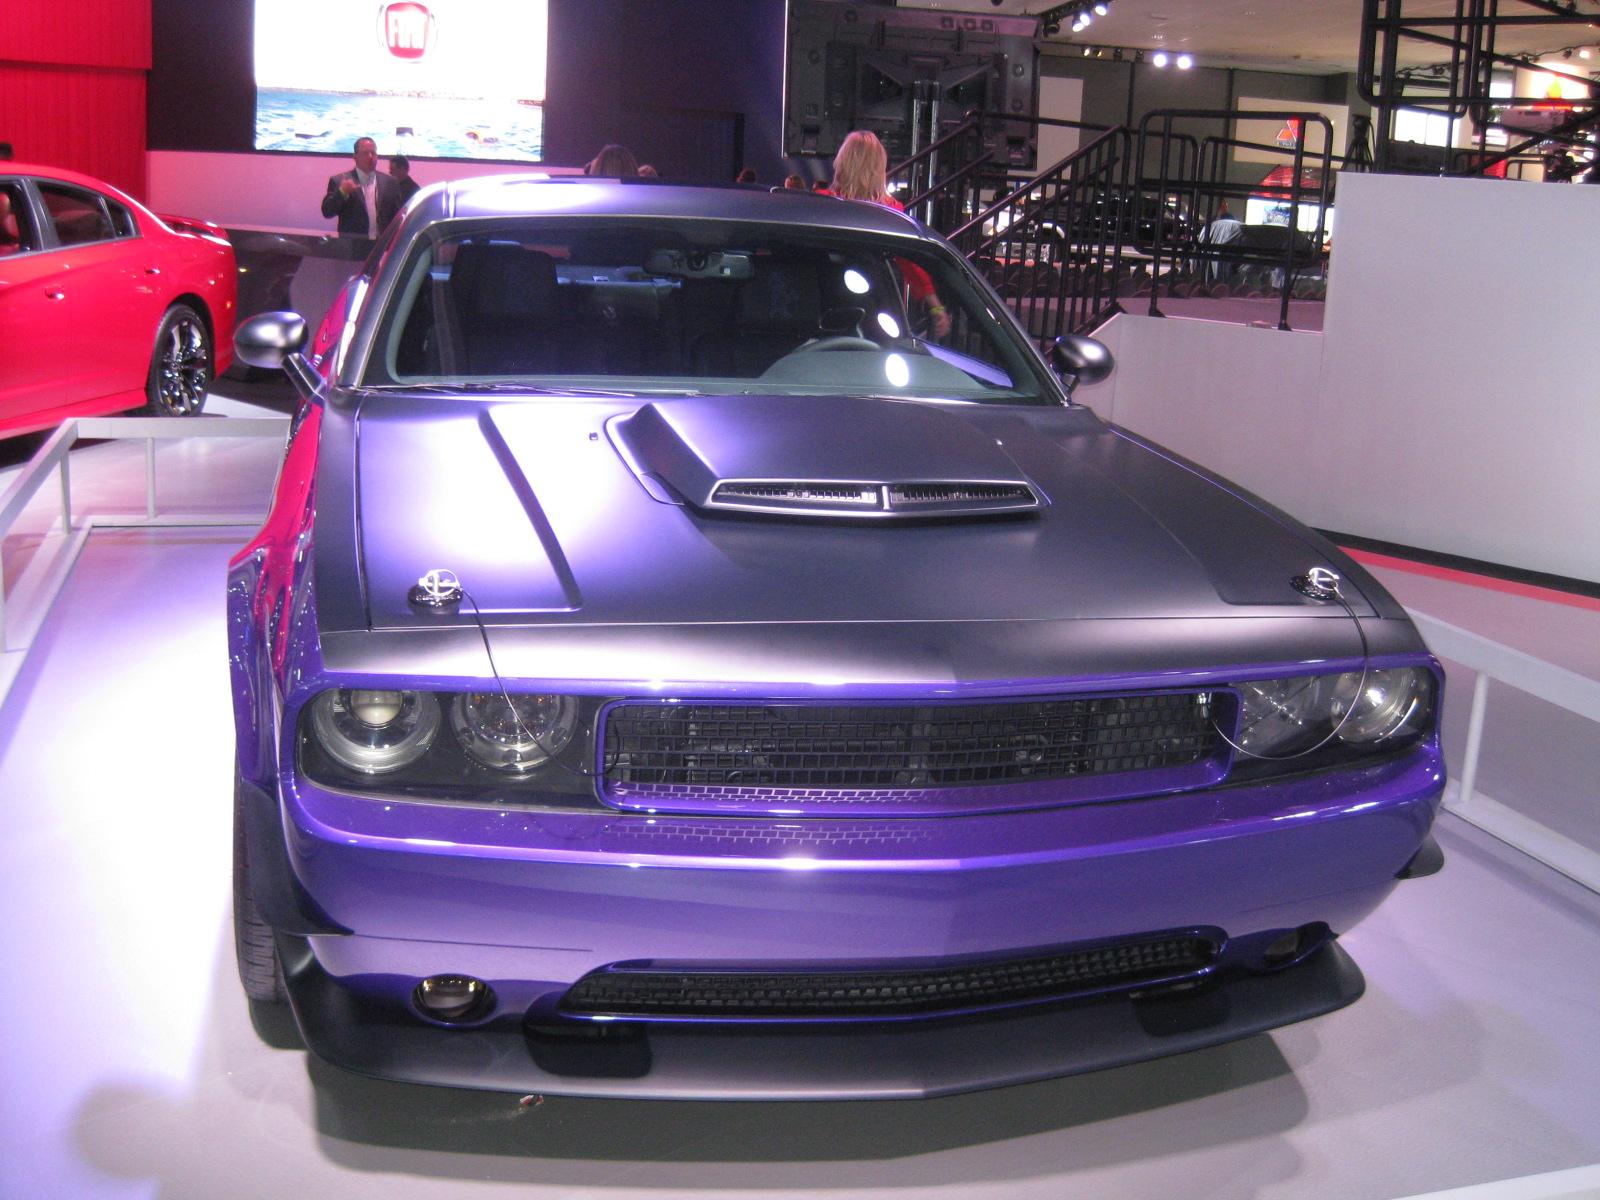 Chrysler Group Mopar Concept Car Dodge Challenger In